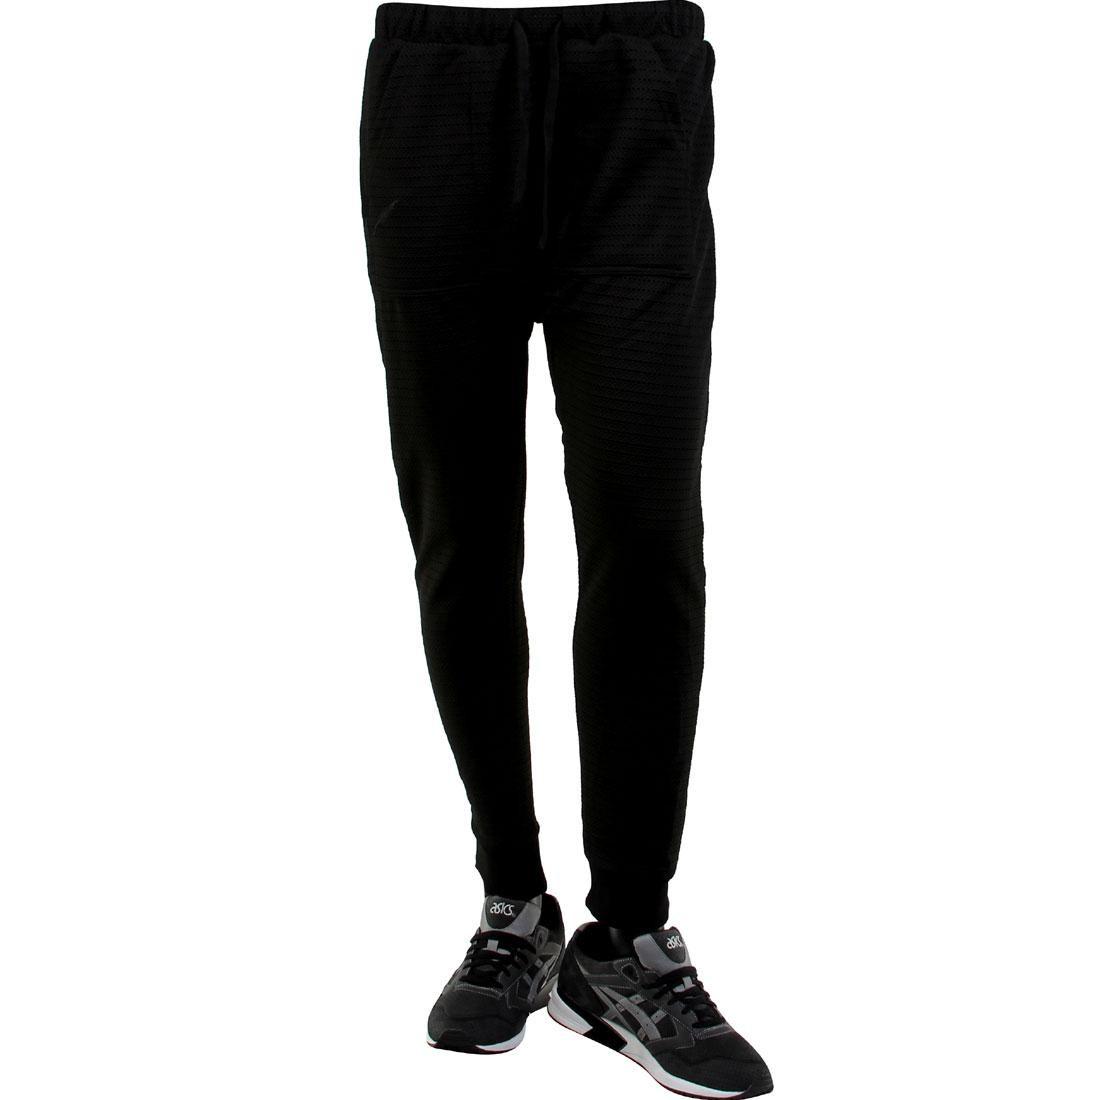 【海外限定】パブリッシュ メンズファッション ズボン 【 PUBLISH RICKO KANGAROO POCKETS JOGGER PANTS BLACK 】